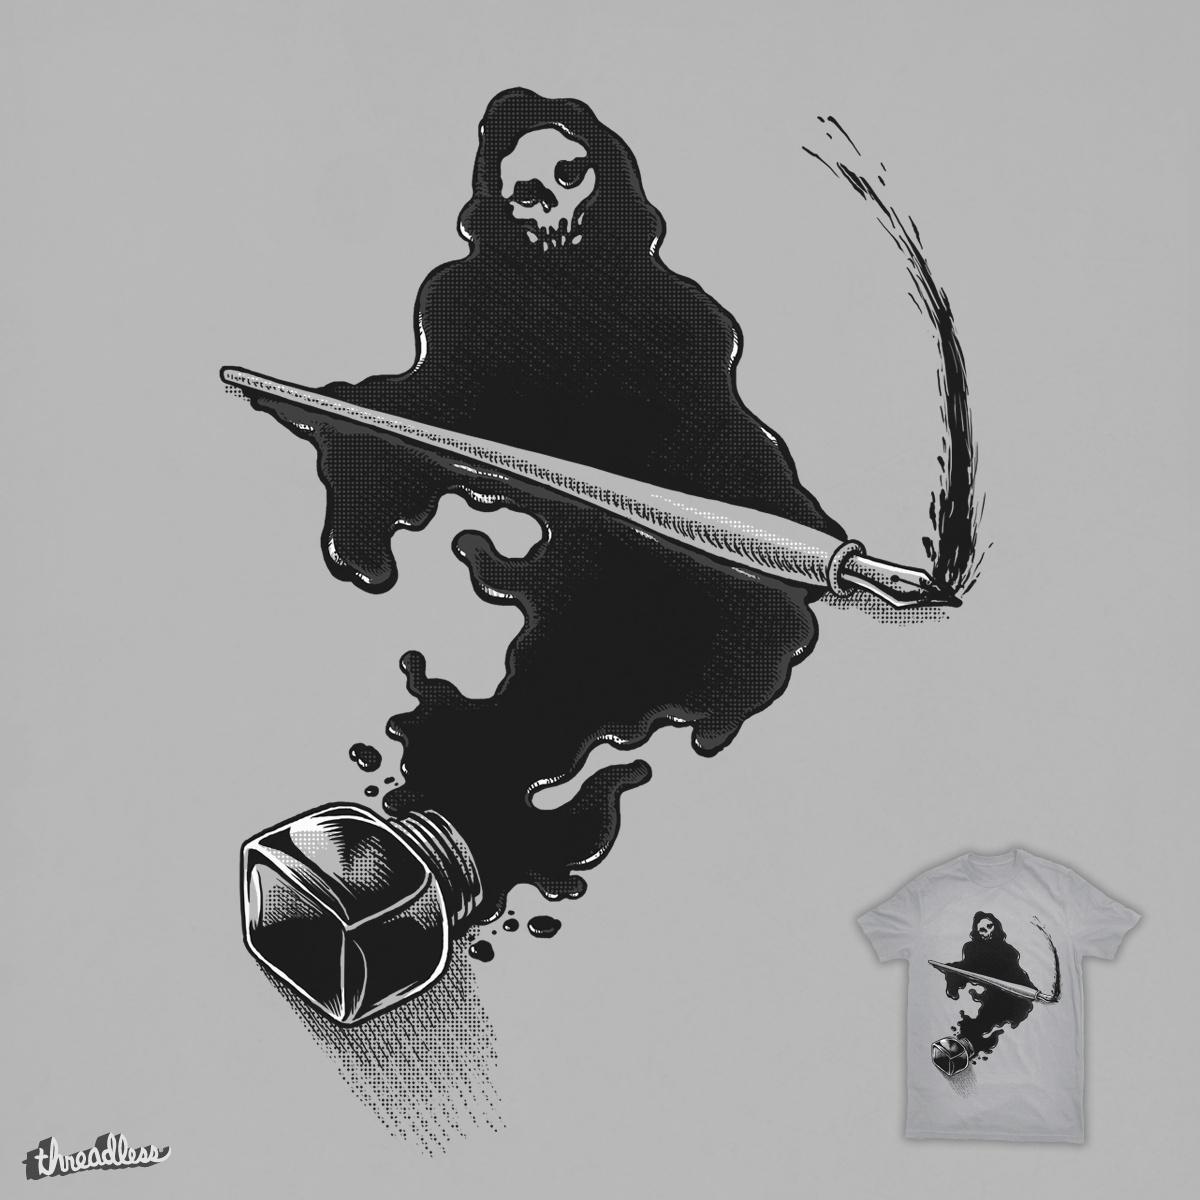 Grim Reaper Ink by ben chen on Threadless